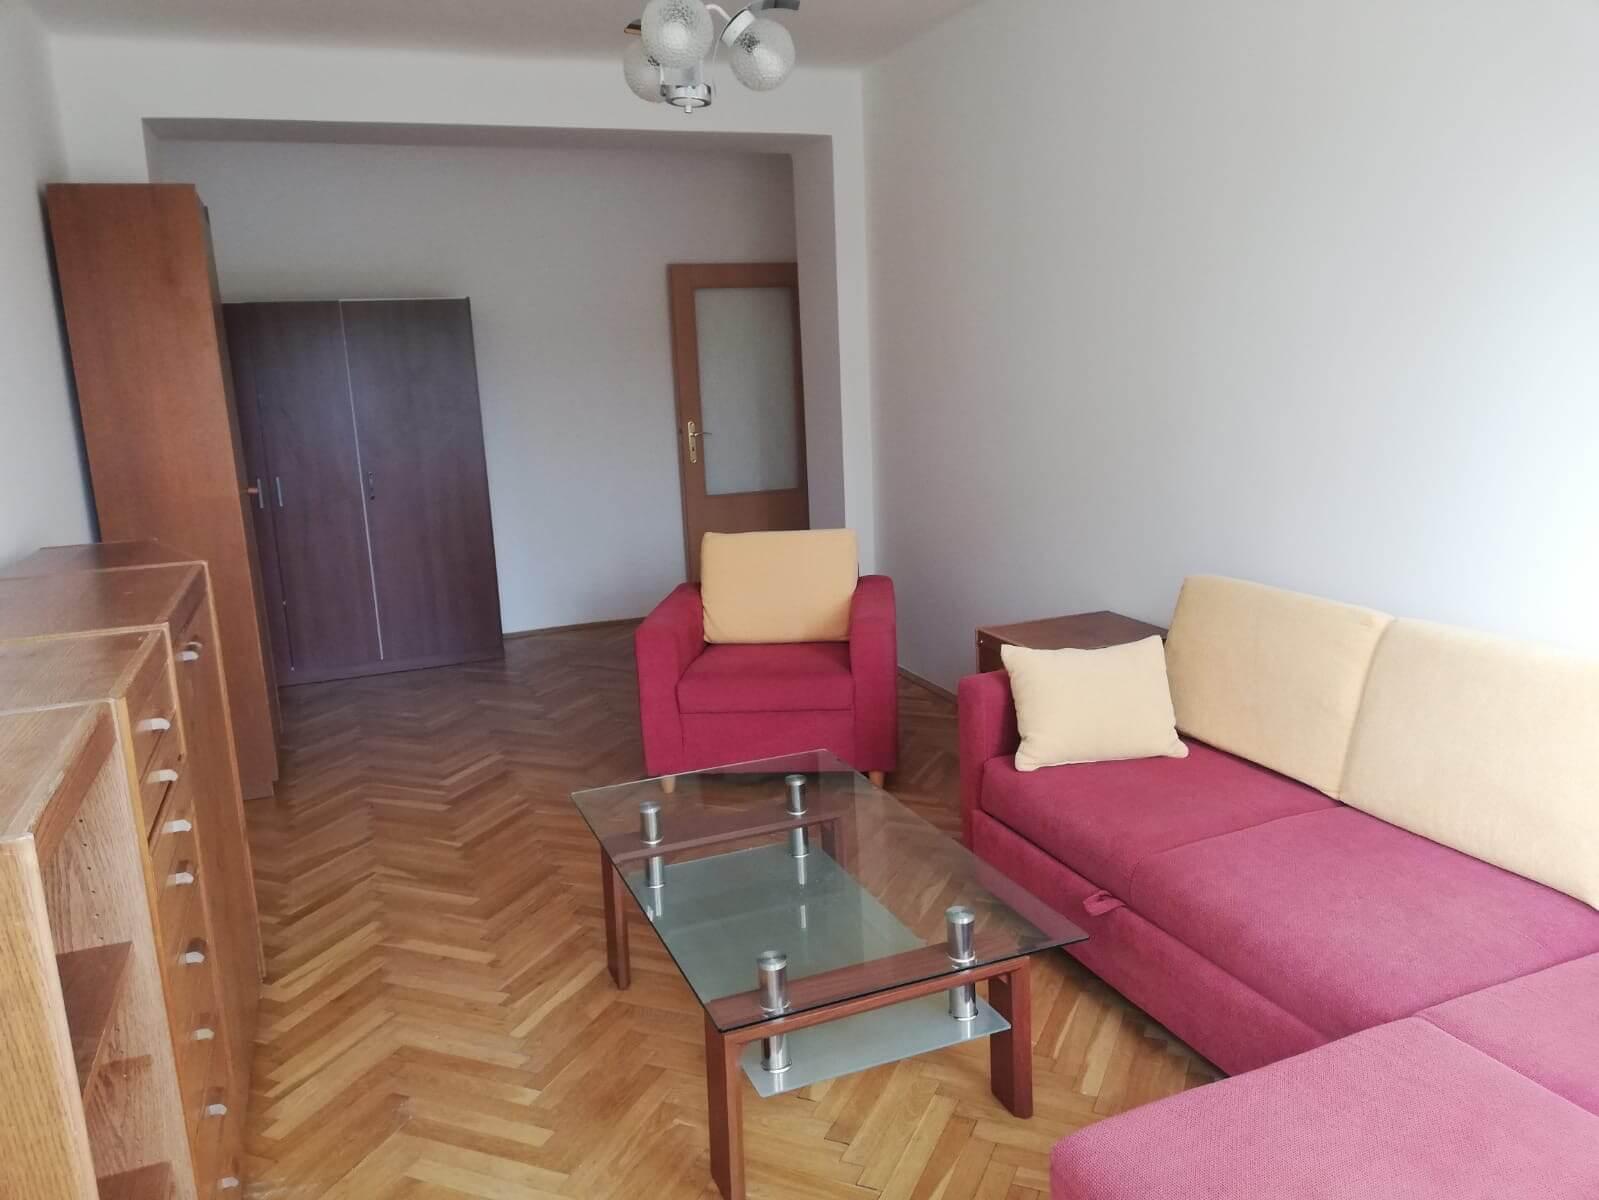 Ponúkame na prenájom 2 izb. byt na Herlianskej ul.- cena je konečná vrátane energií